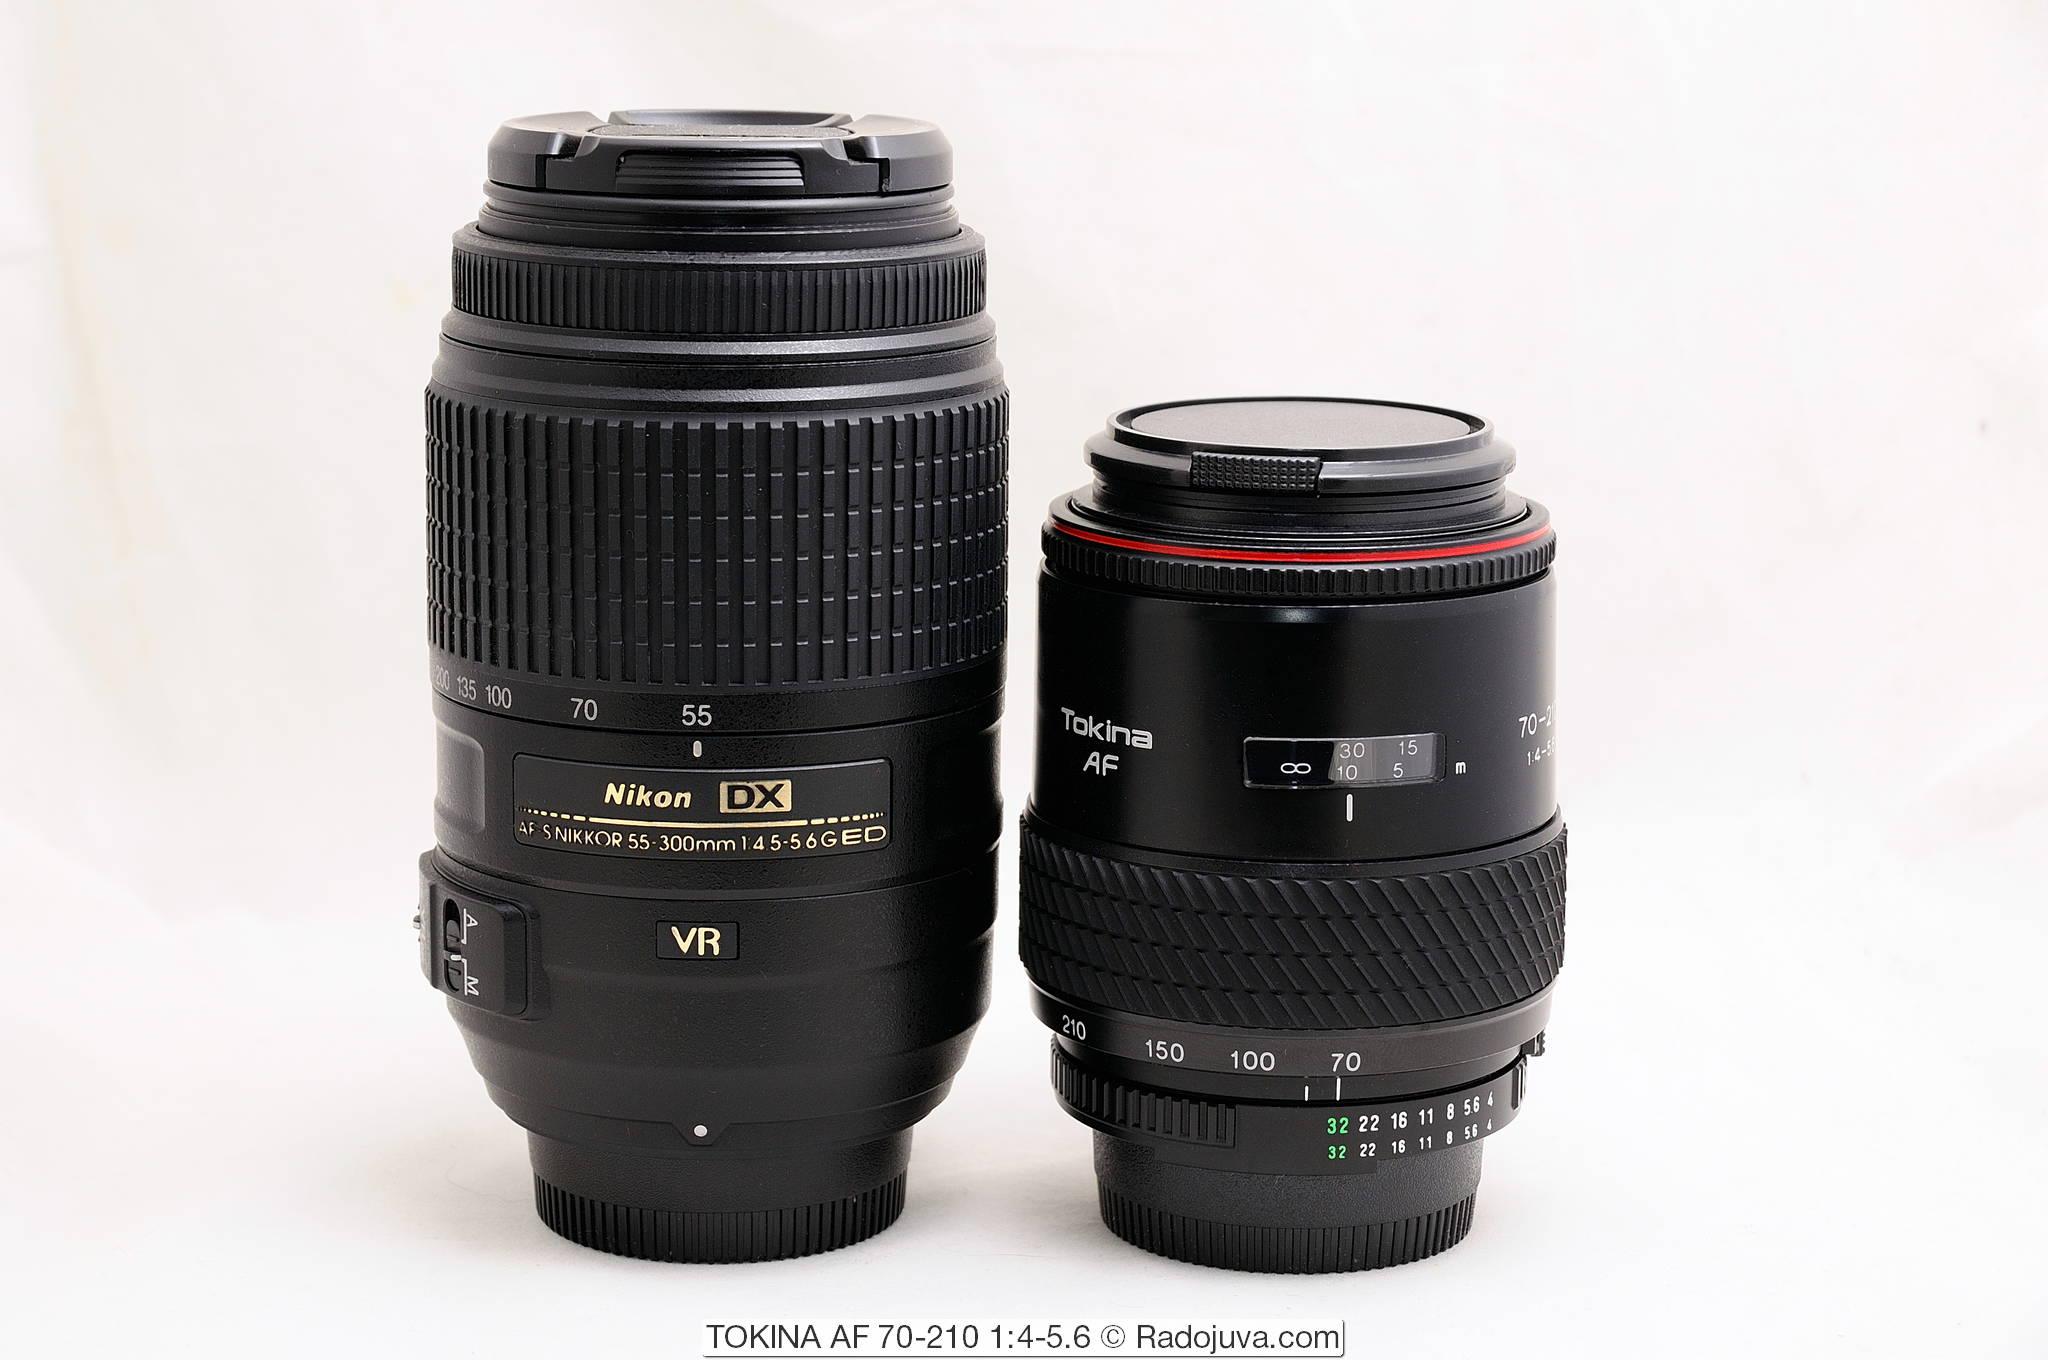 Размеры Nikon DX AF-S NIKKOR 55-300mm 1:4.5-5.6G ED VR SWM HRI и TOKINA AF 70-210 1:4-5.6